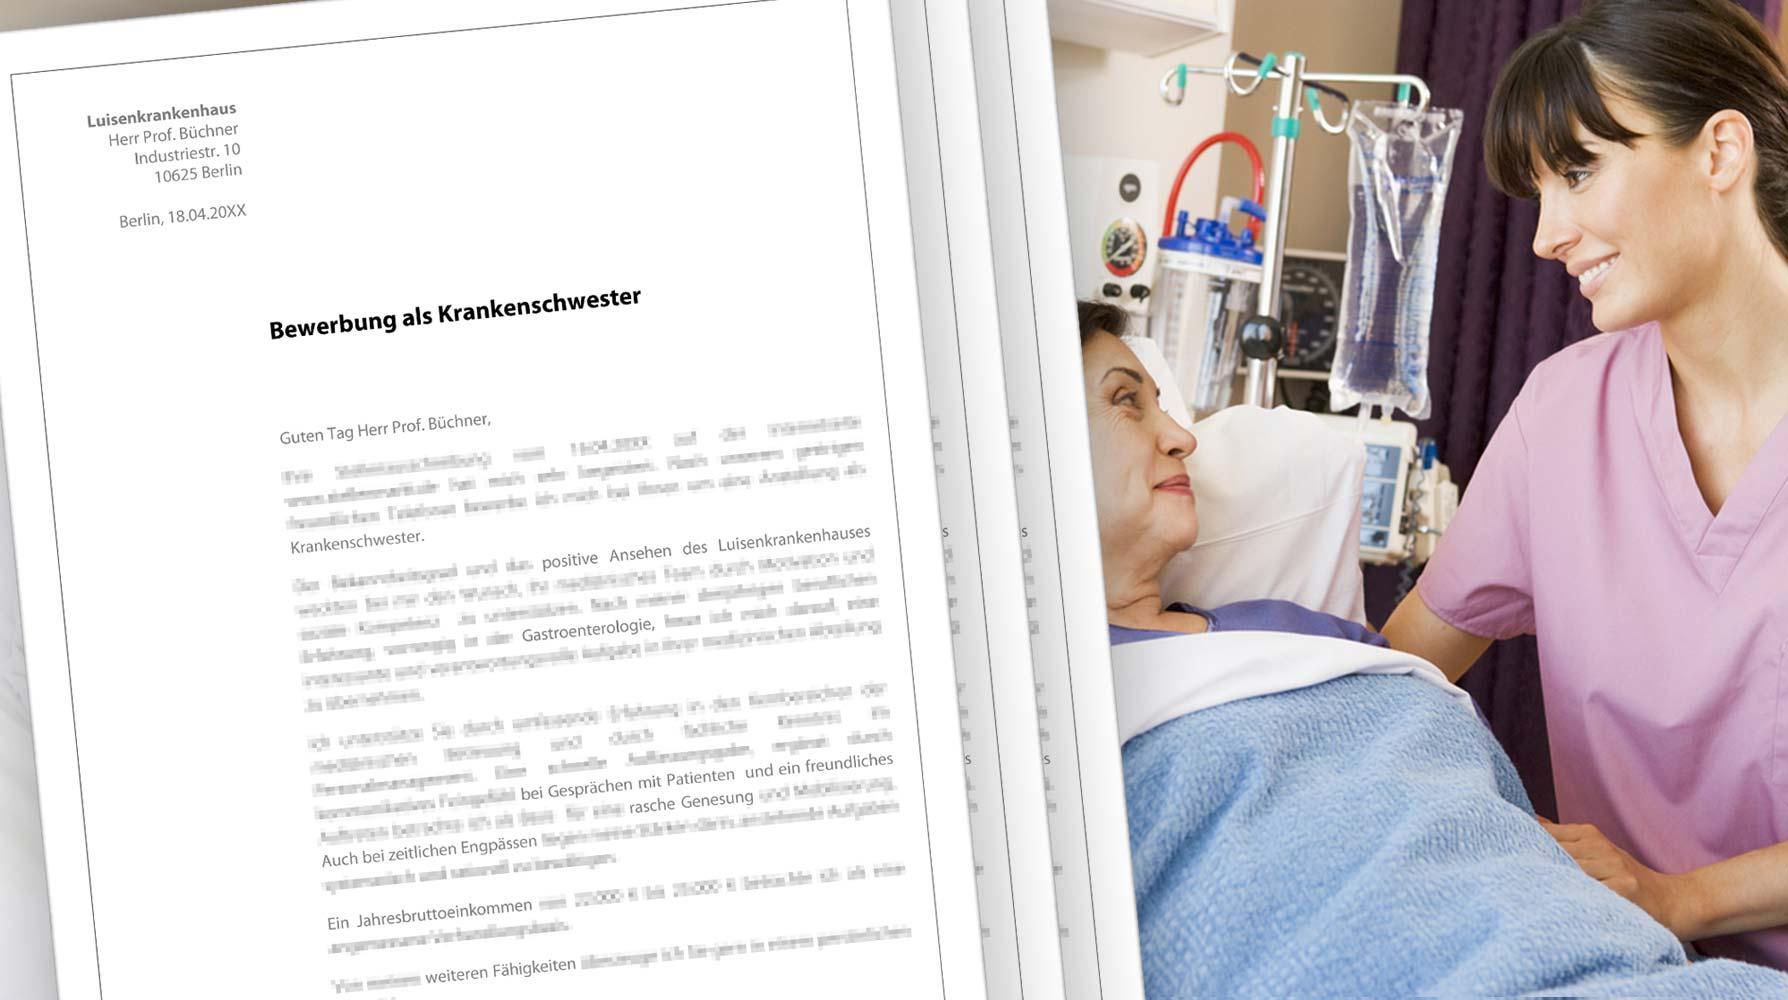 Bewerbung Krankenschwester | Medizinische Fachangestellte